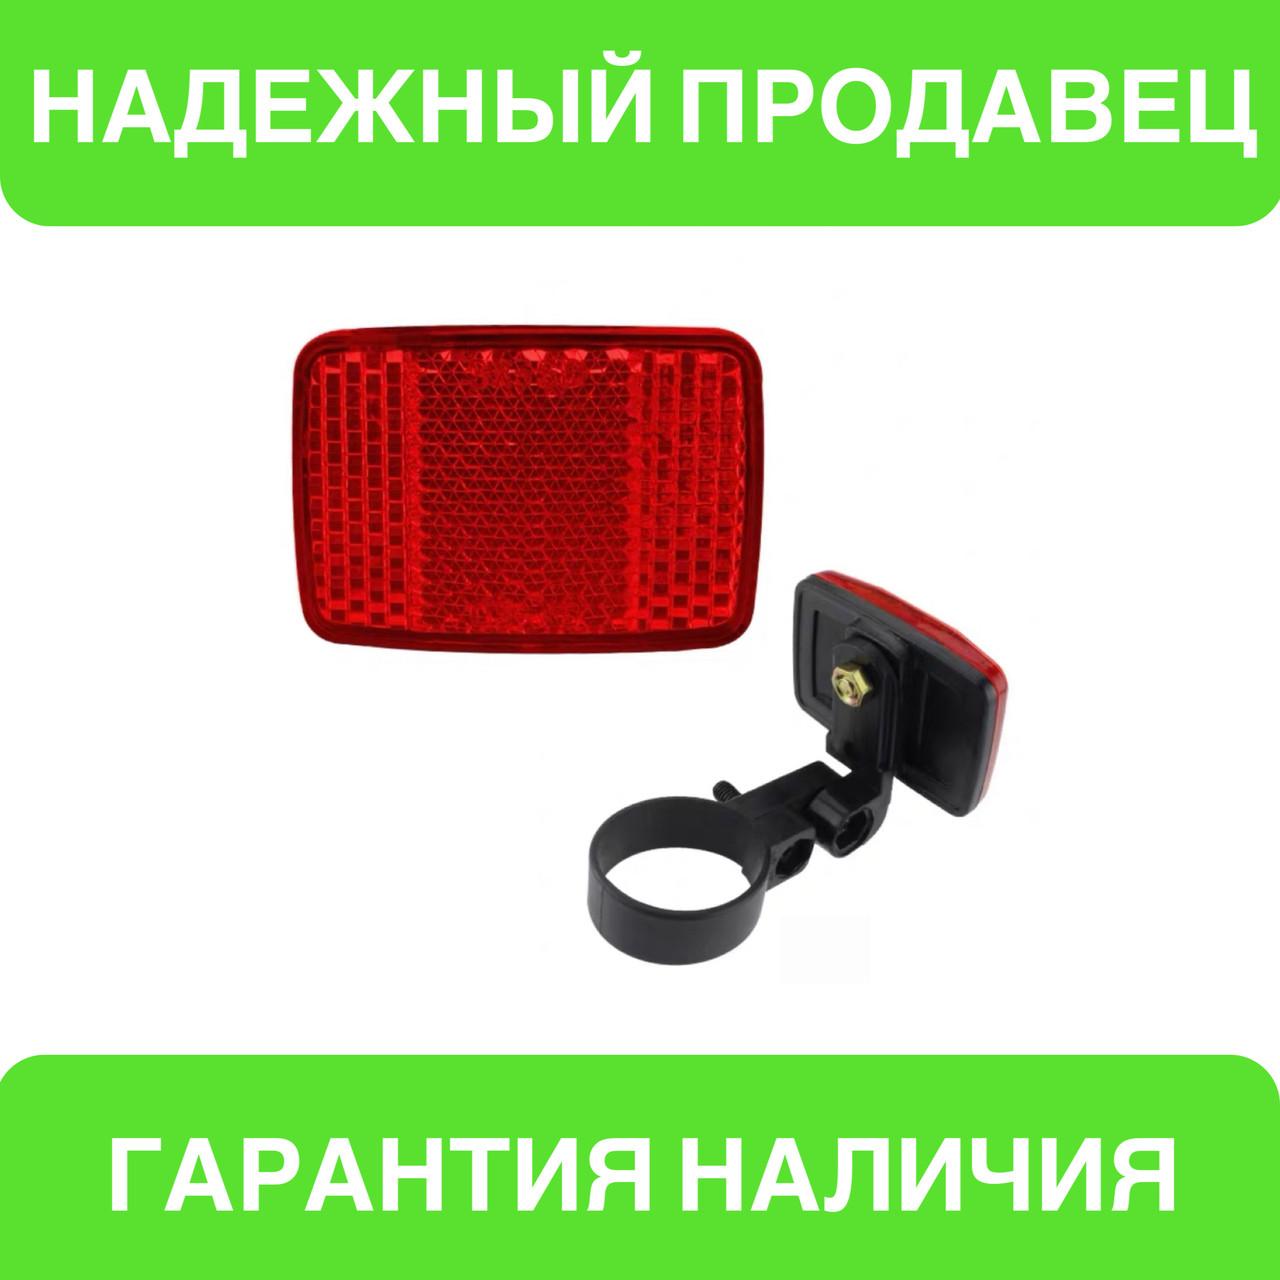 Светоотражатель, красный катафот на велосипед с креплением на подседельный штырь